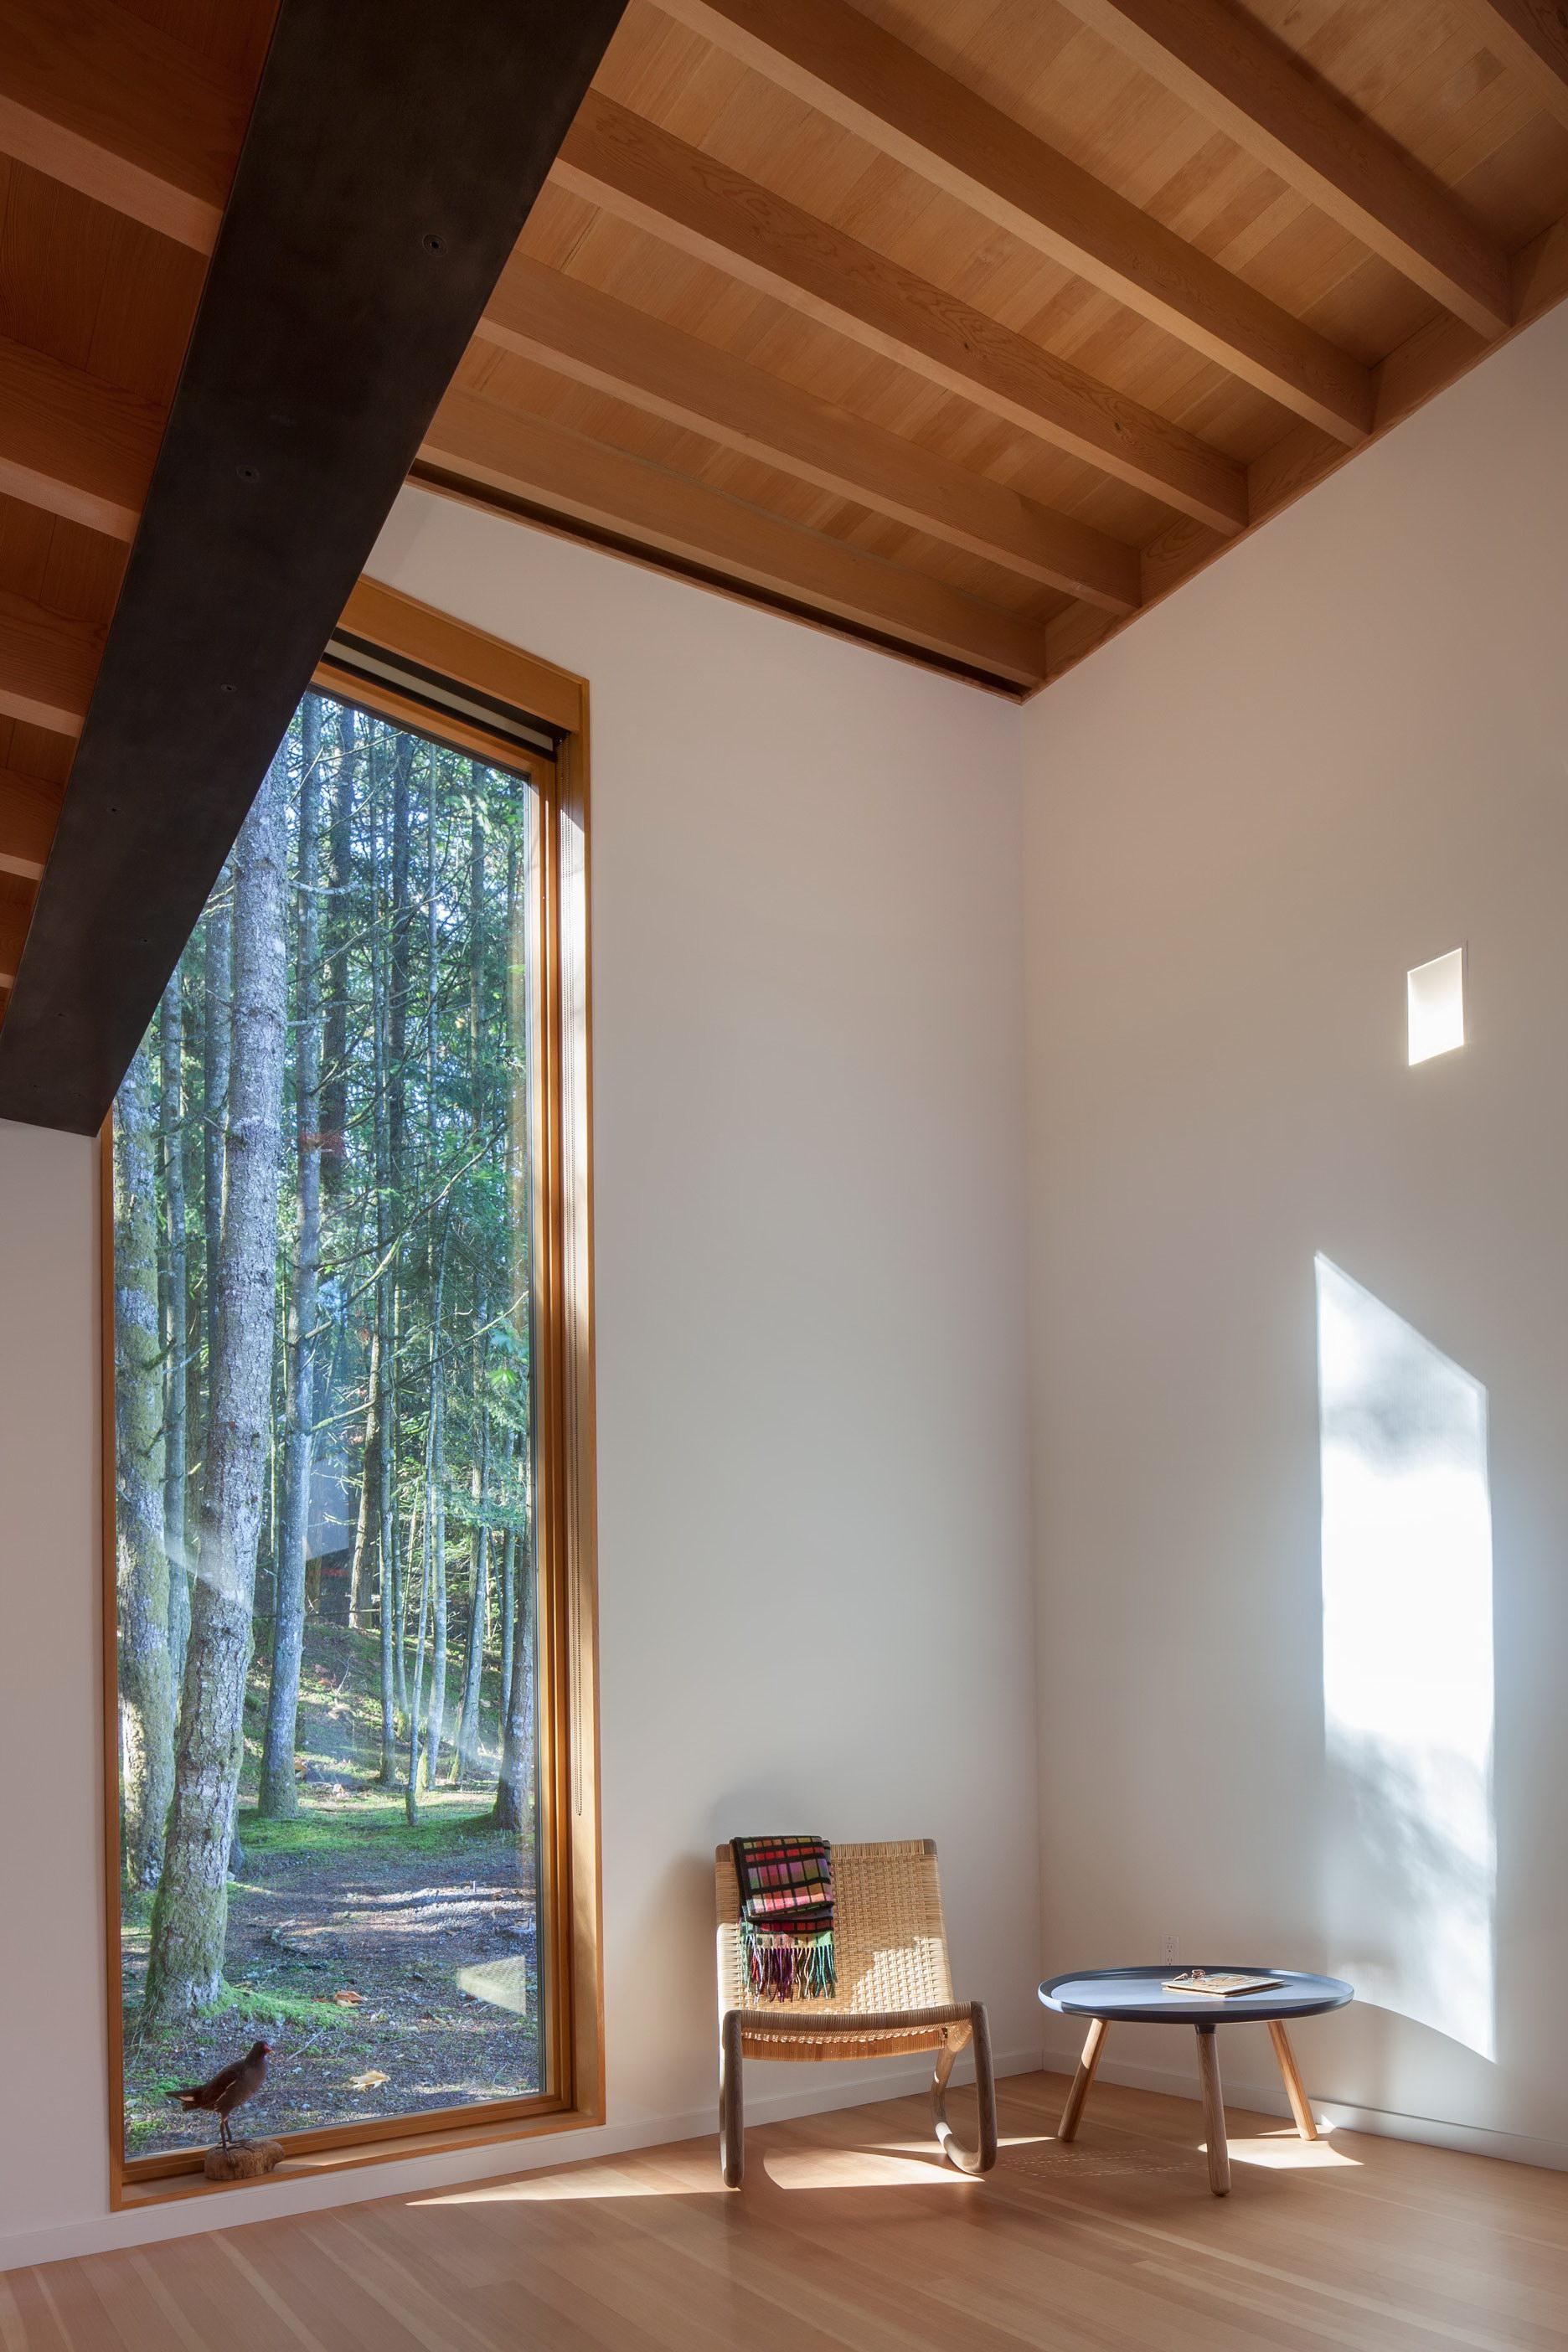 Rainforest Retreat | Small Dwelling by AGATHOM Co.